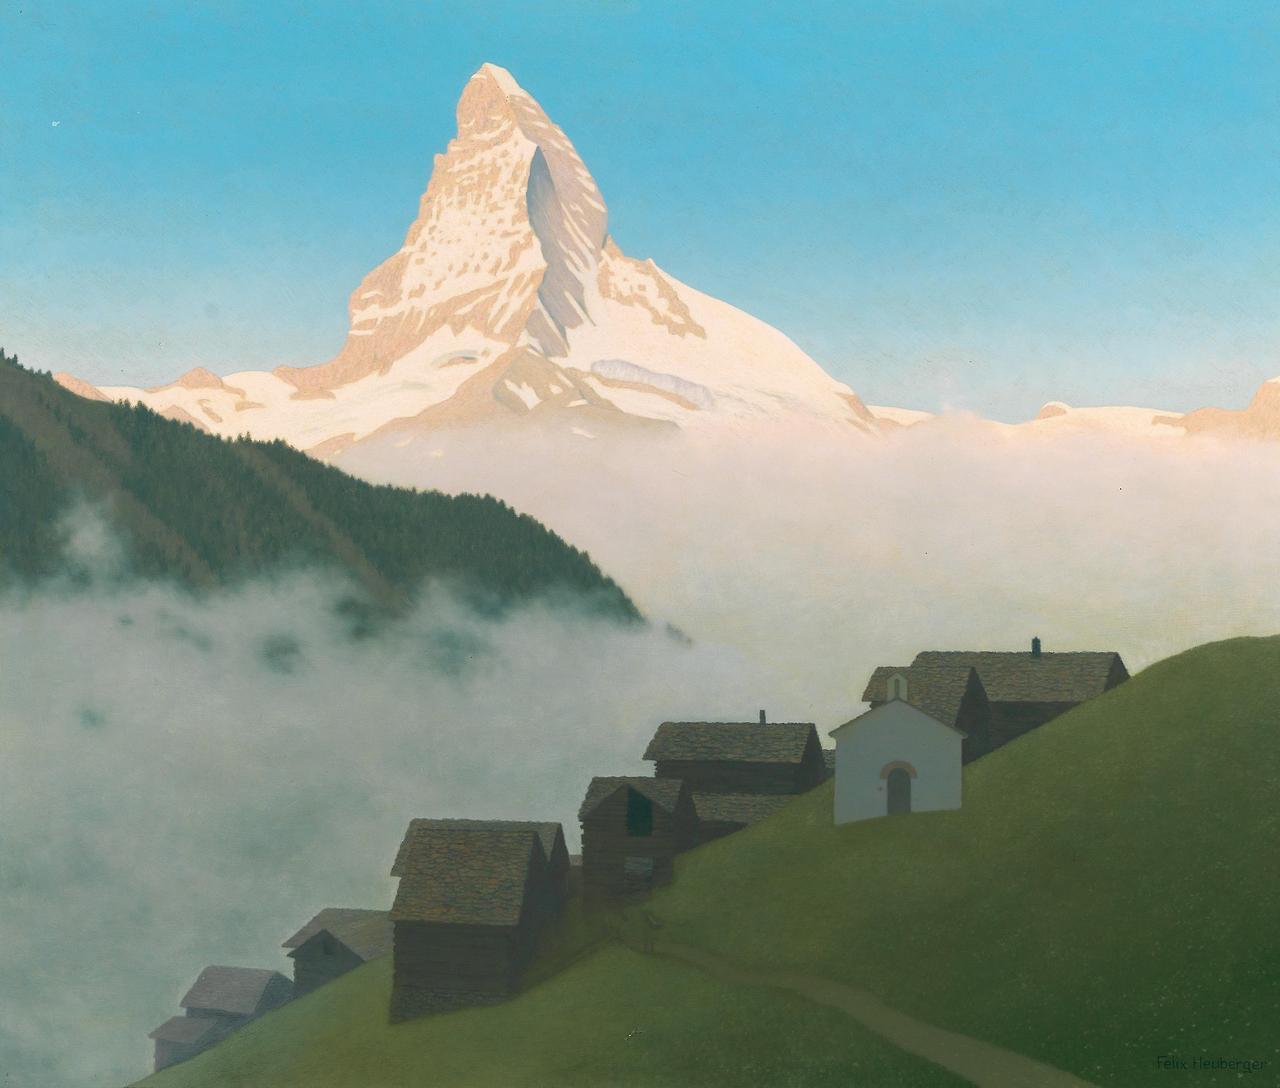 Felix Heuberger (Austrian, 1888-1968), Rising mist (Matterhorn). Oil on hardboard, 85 x 96.5 cm.